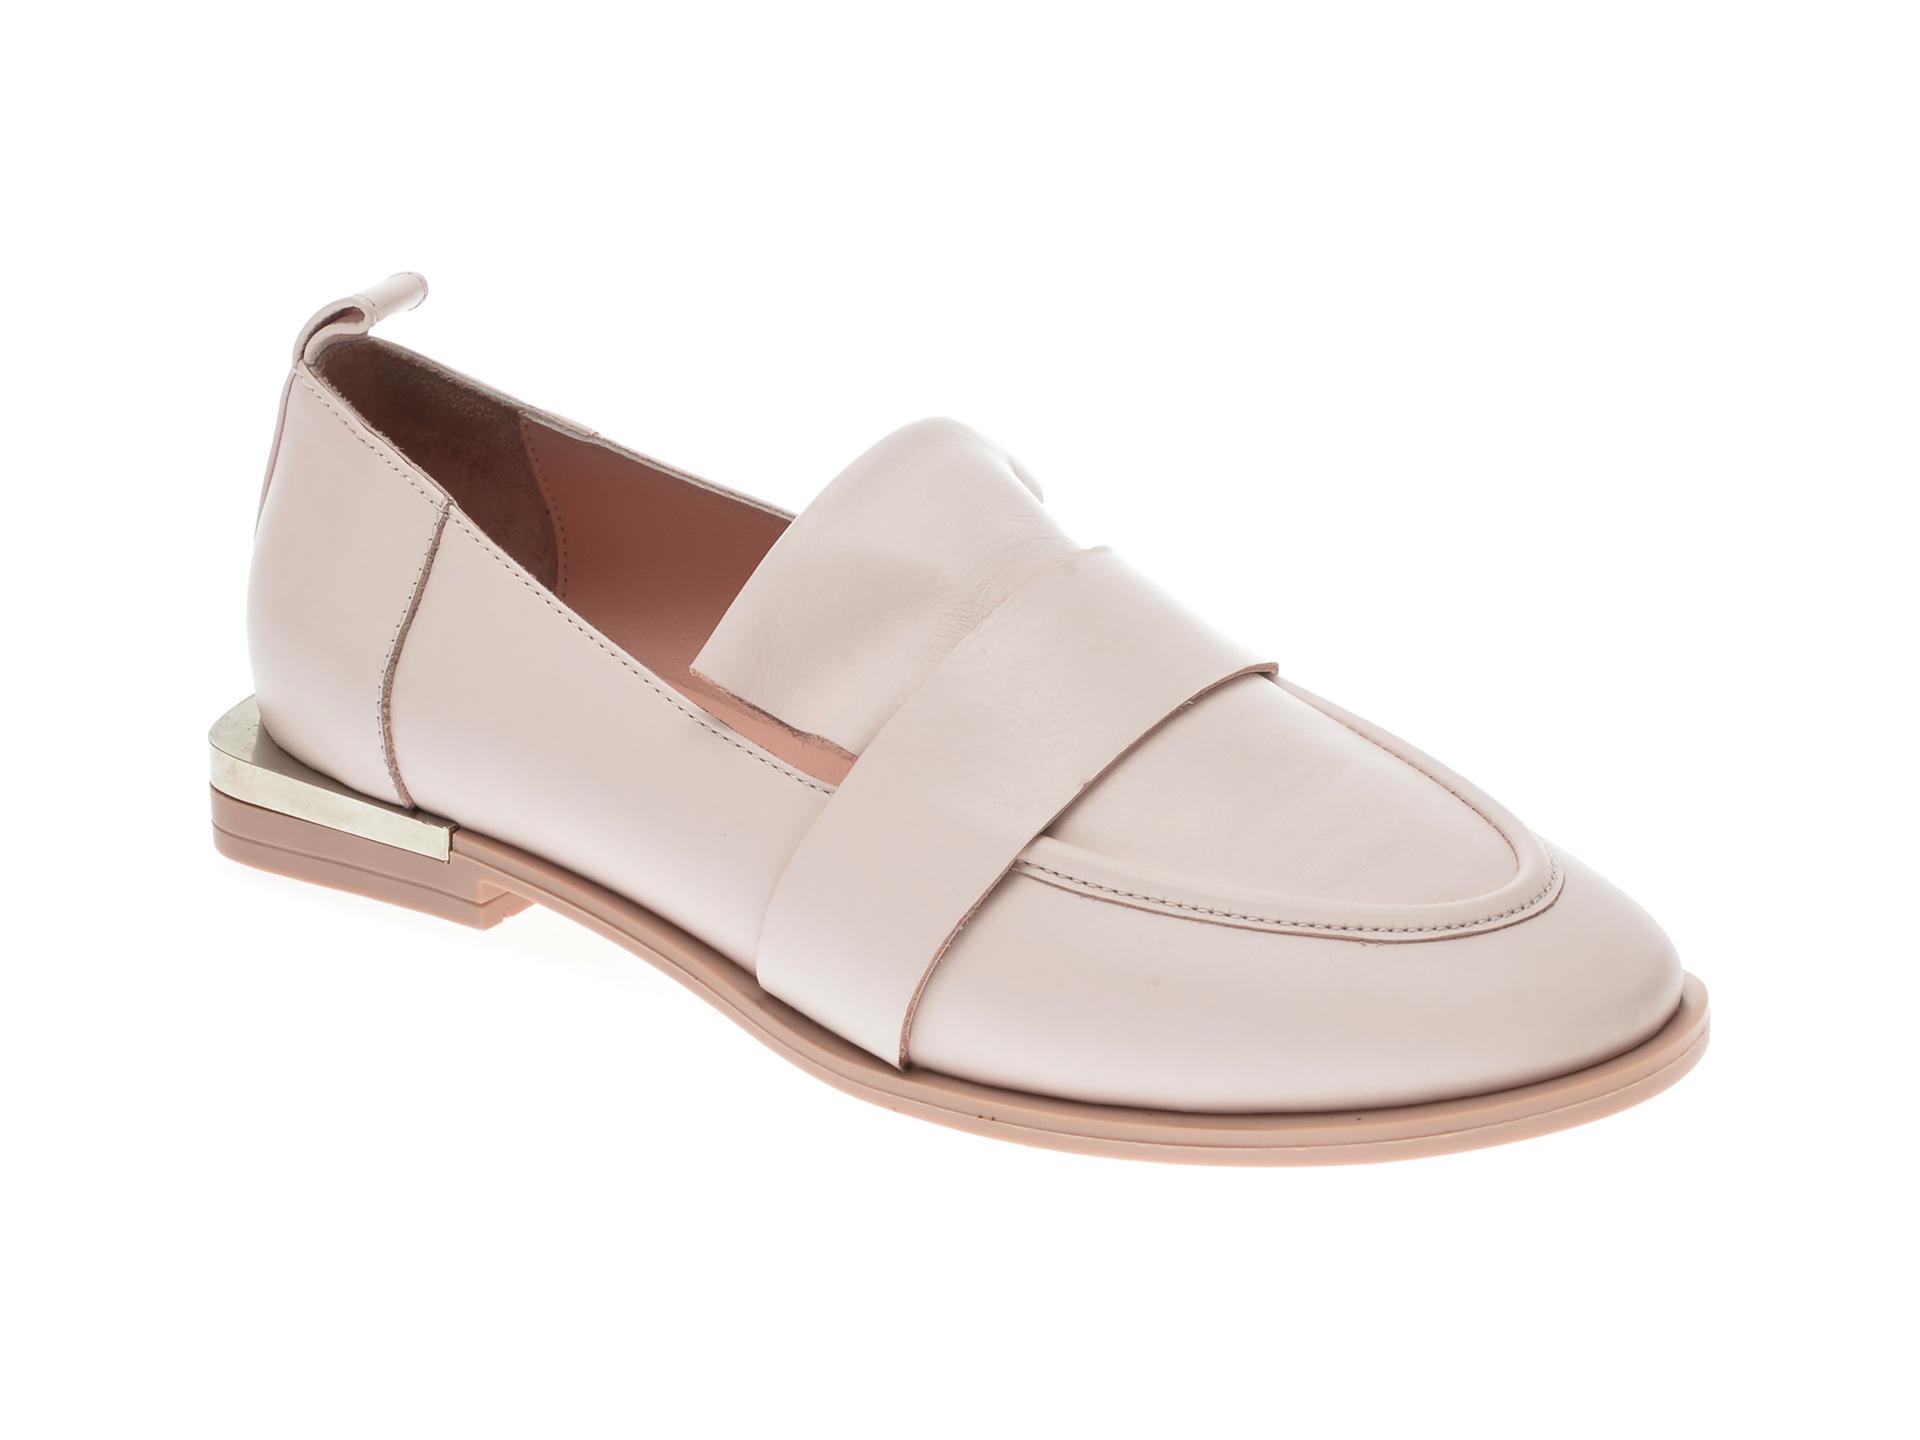 Pantofi UNICA nude, A5068, din piele naturala